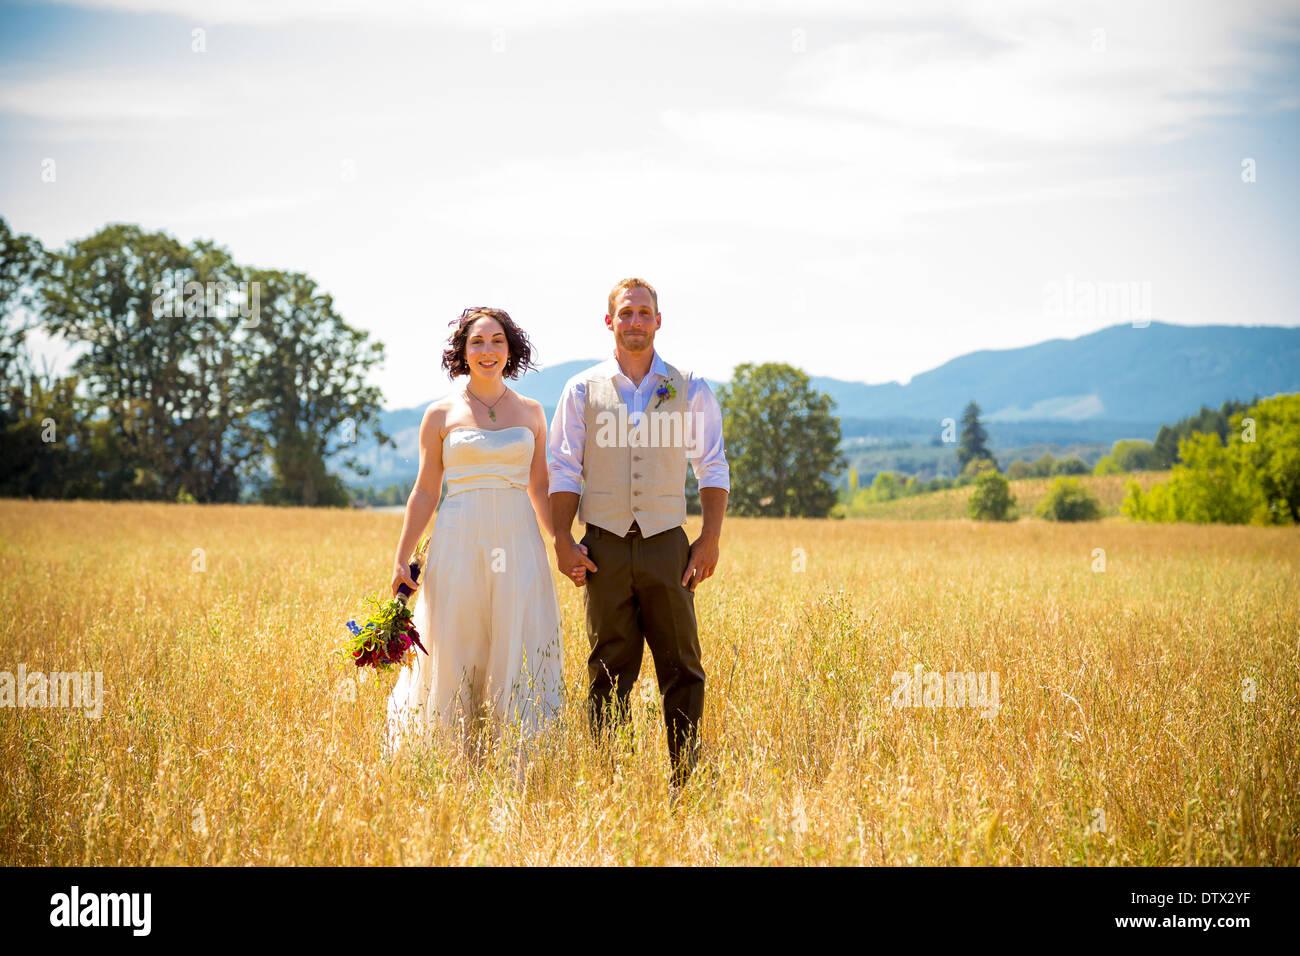 Braut und Bräutigam am Tag ihrer Hochzeit zusammen in einem Feld stehen. Stockbild